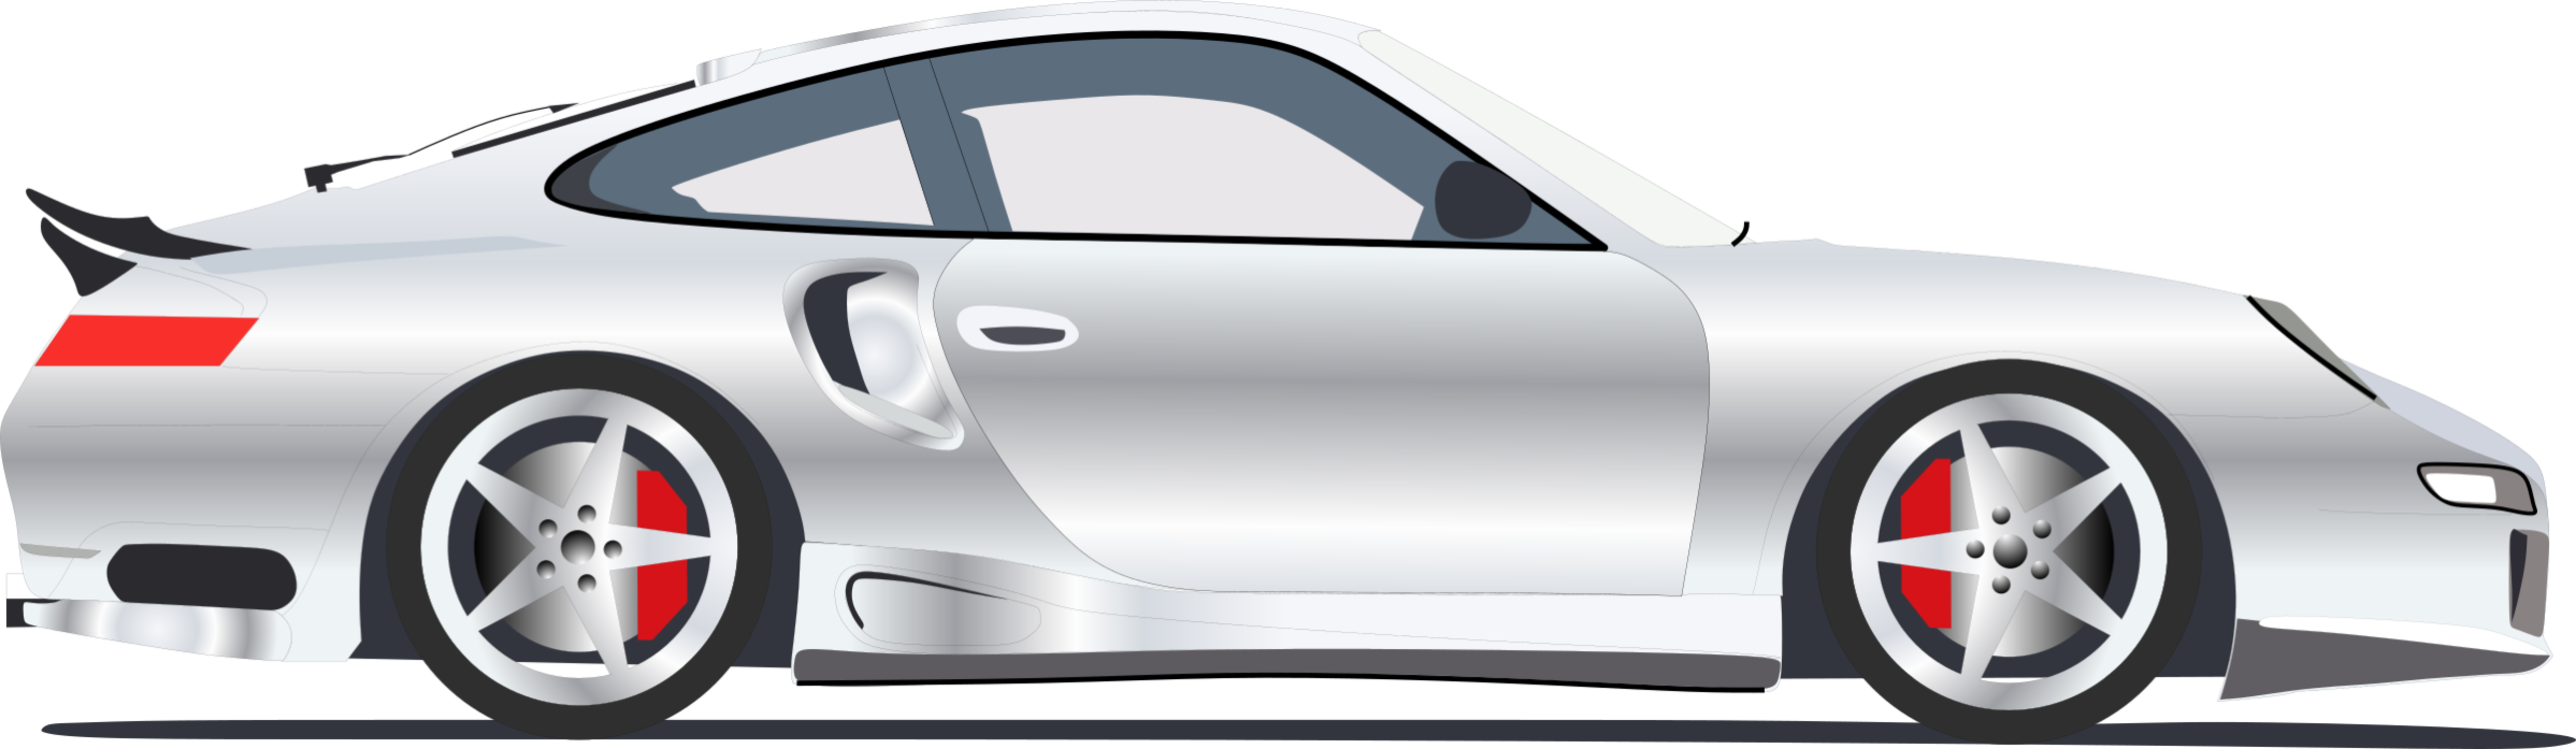 Wheel,Porsche,Automotive Exterior